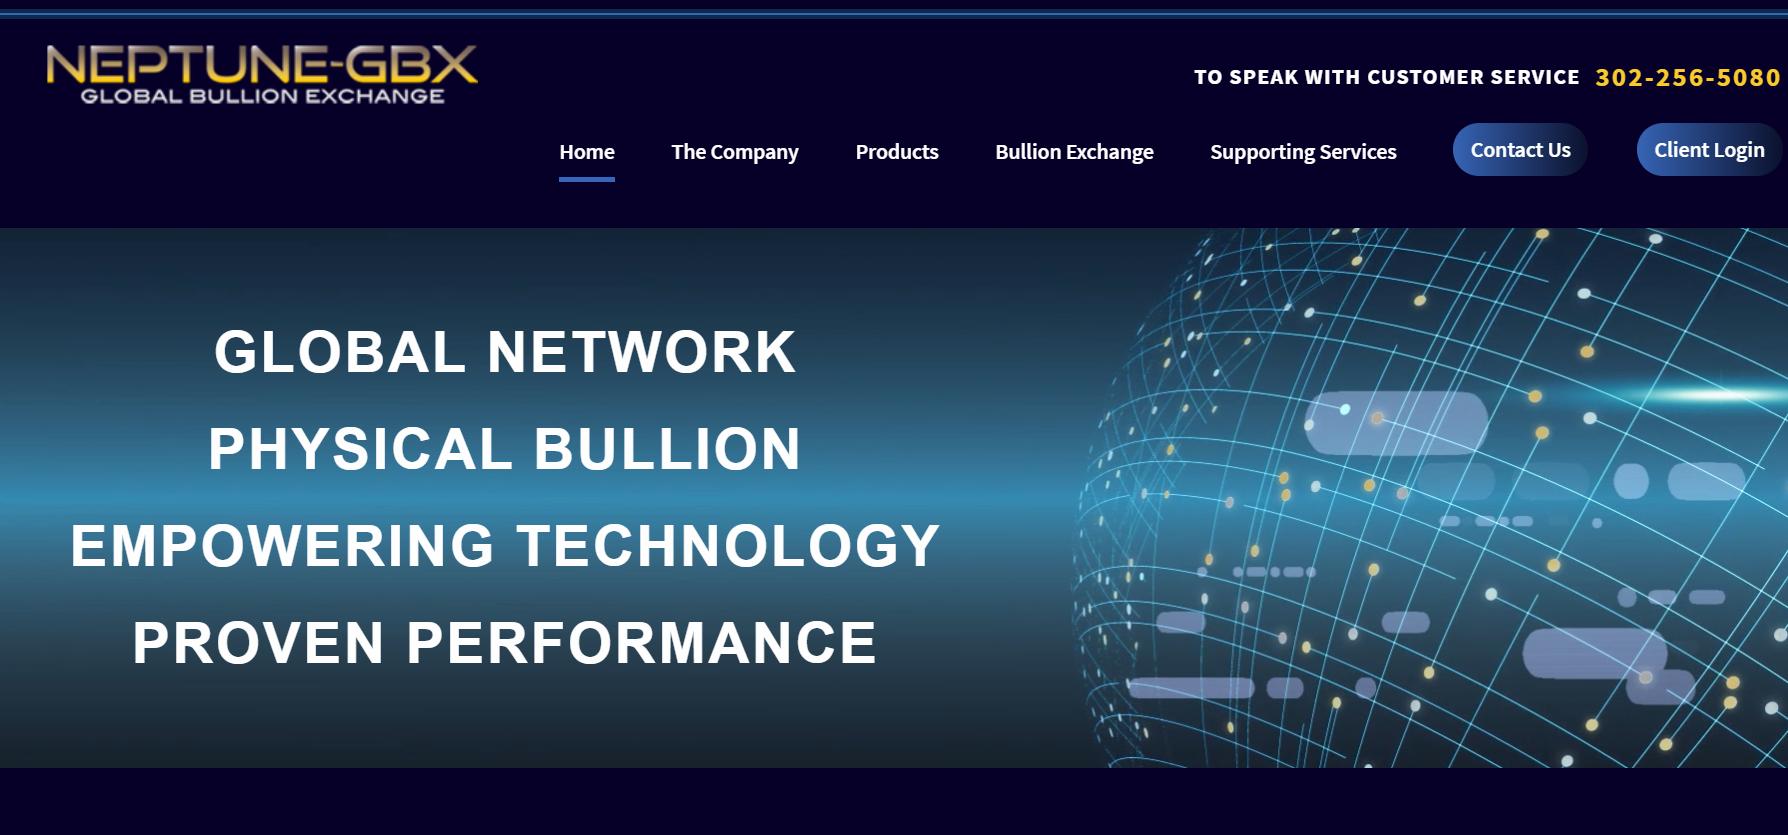 Neptune Global Holdings